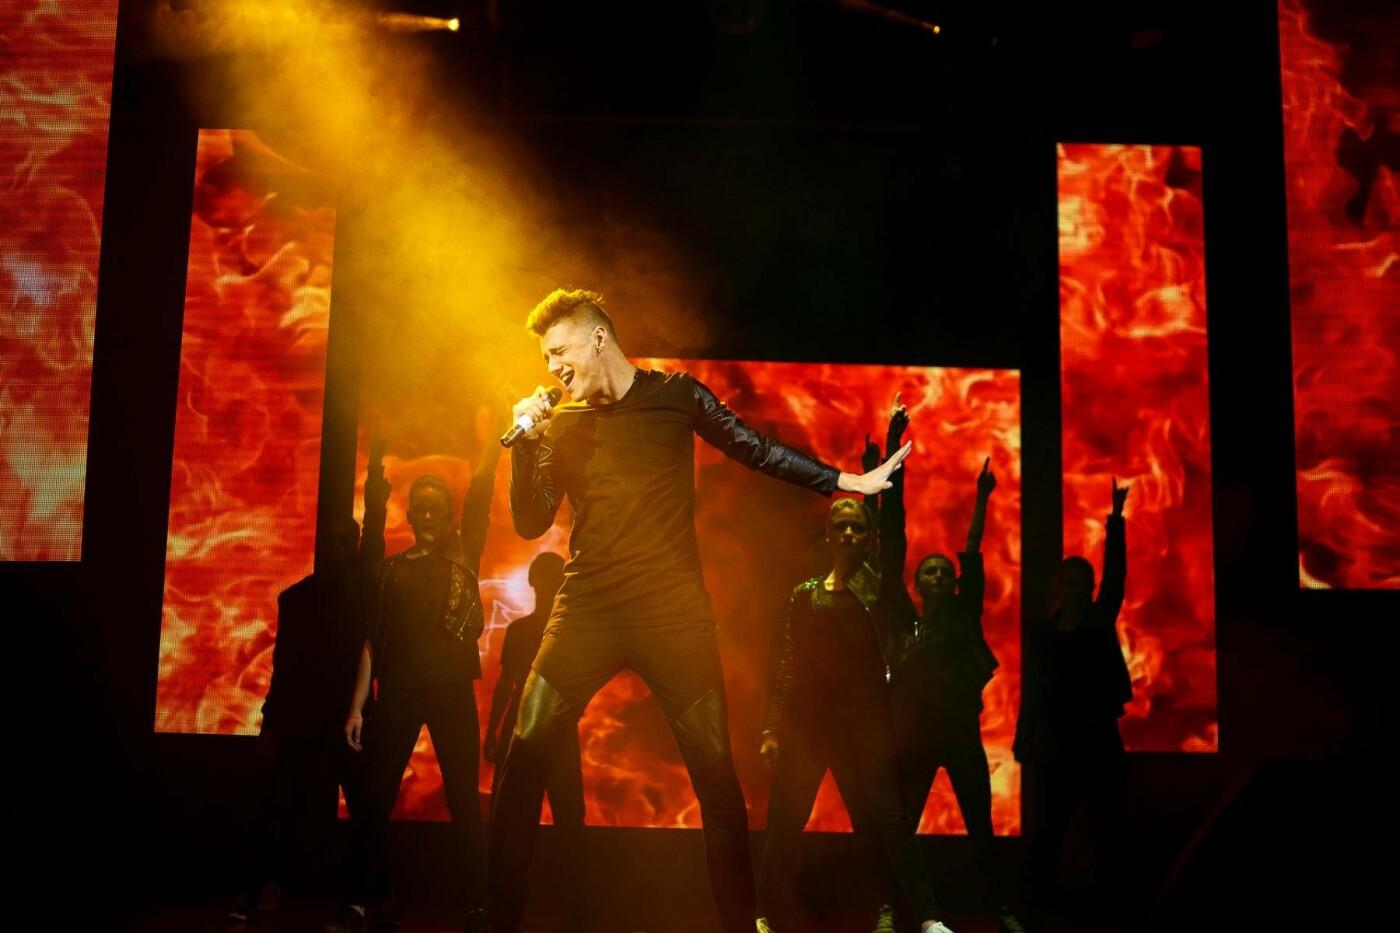 Запорожцев приглашают на концерт финалистов музыкальных телешоу, фото-4